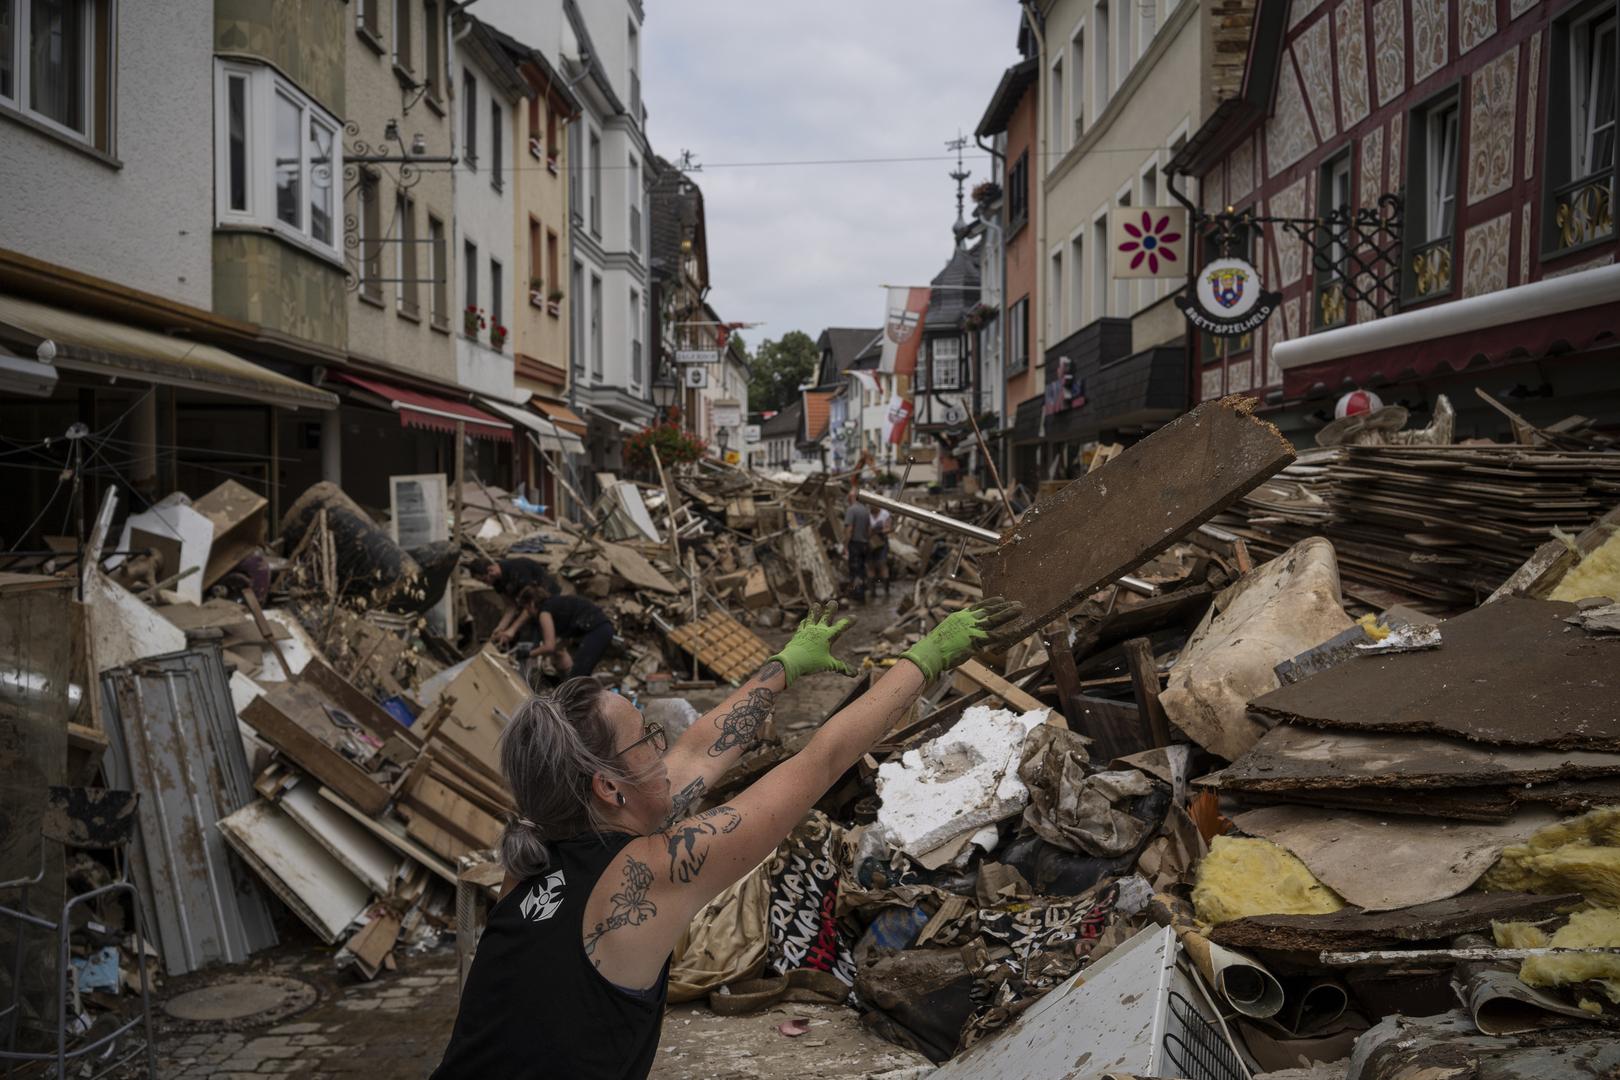 ألمانيا: 58 مليار يورو مساعدات للمناطق المتضررة بالفيضانات